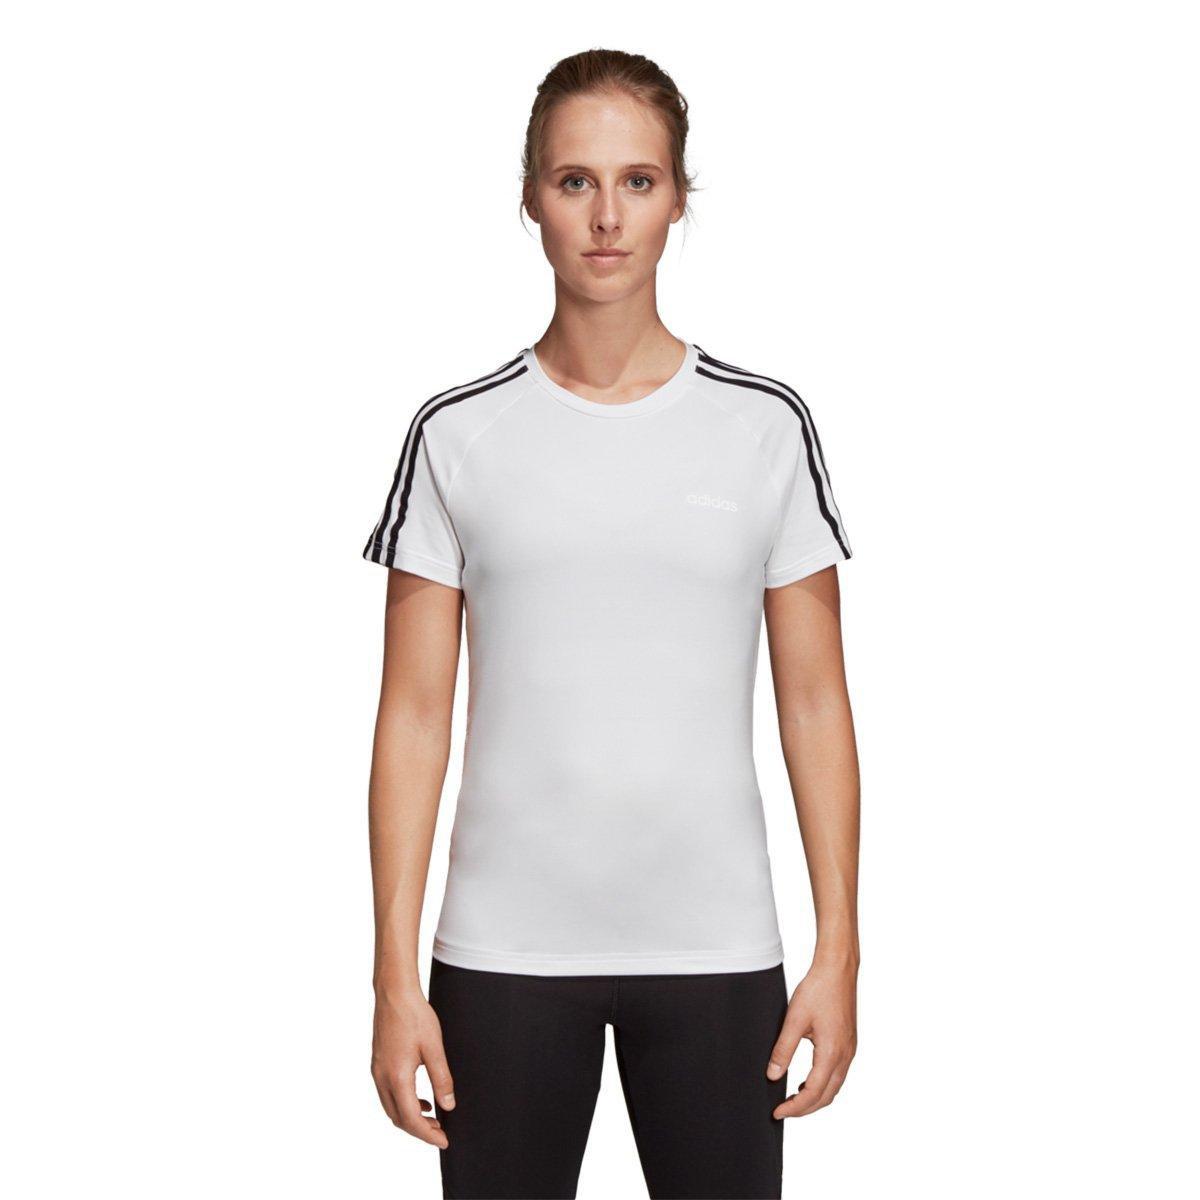 1b30d5c9d909e Camiseta Adidas Design 2 Move 3 Stripes Feminina - Branco e Preto - Compre  Agora